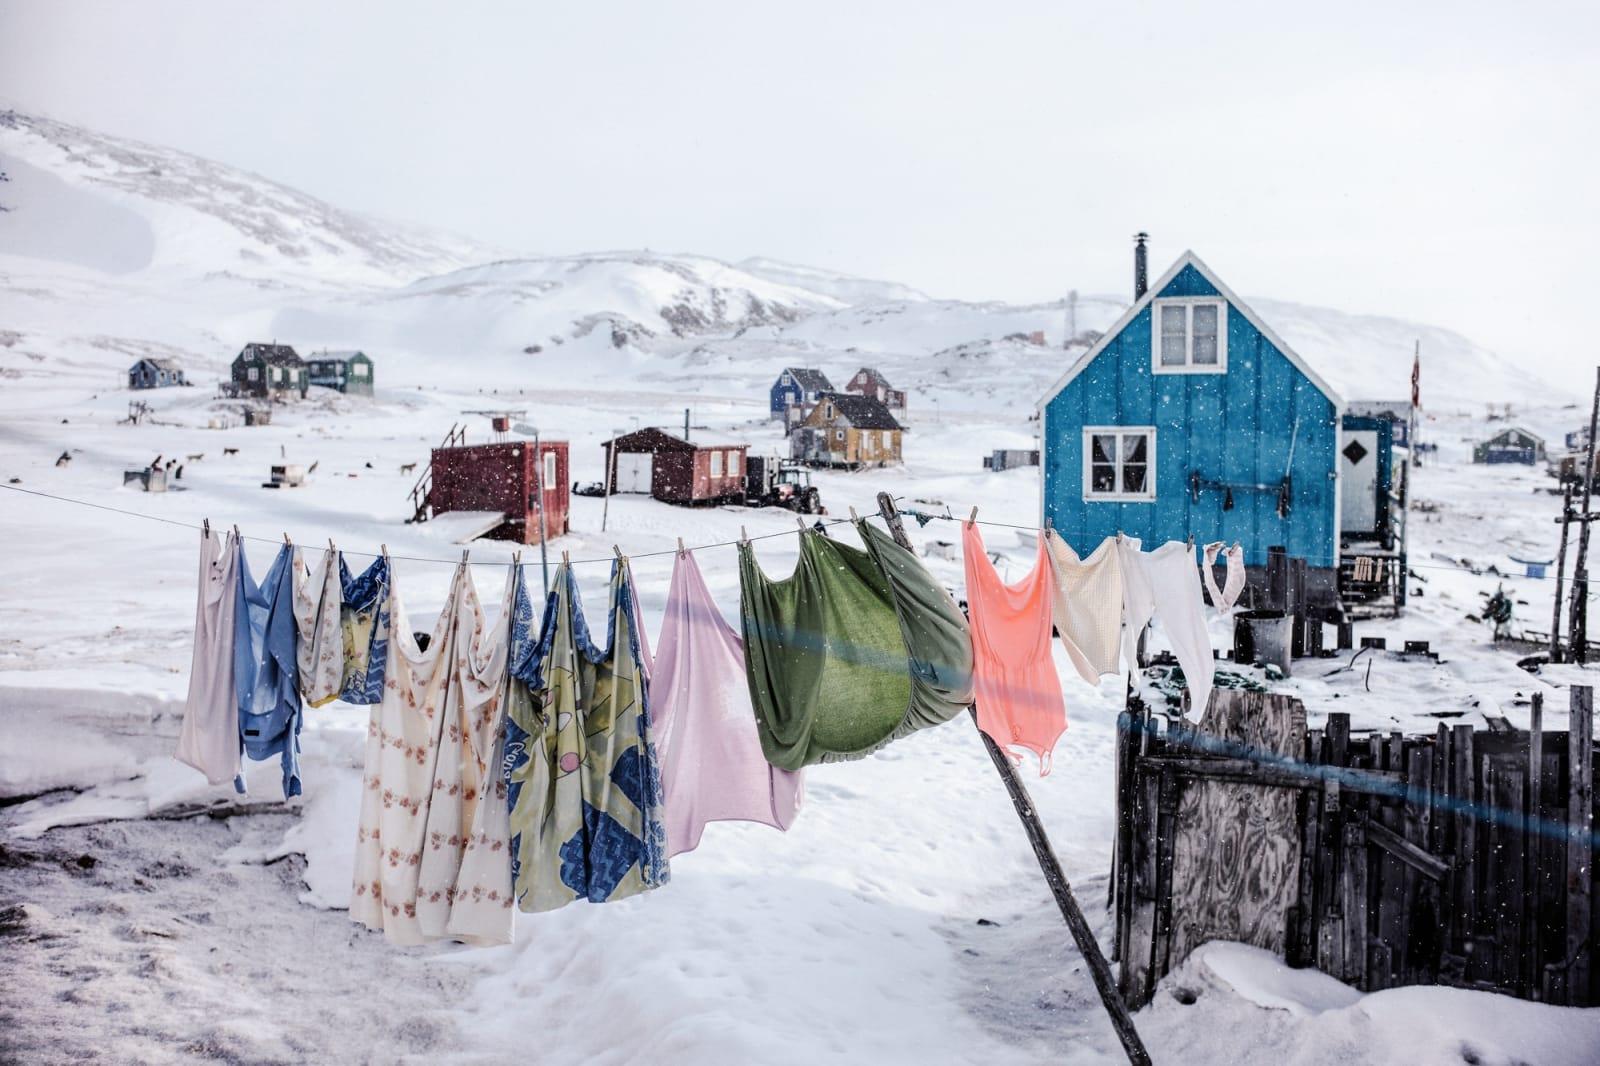 Ciril Jazbec, On Thin Ice #0050, 2014